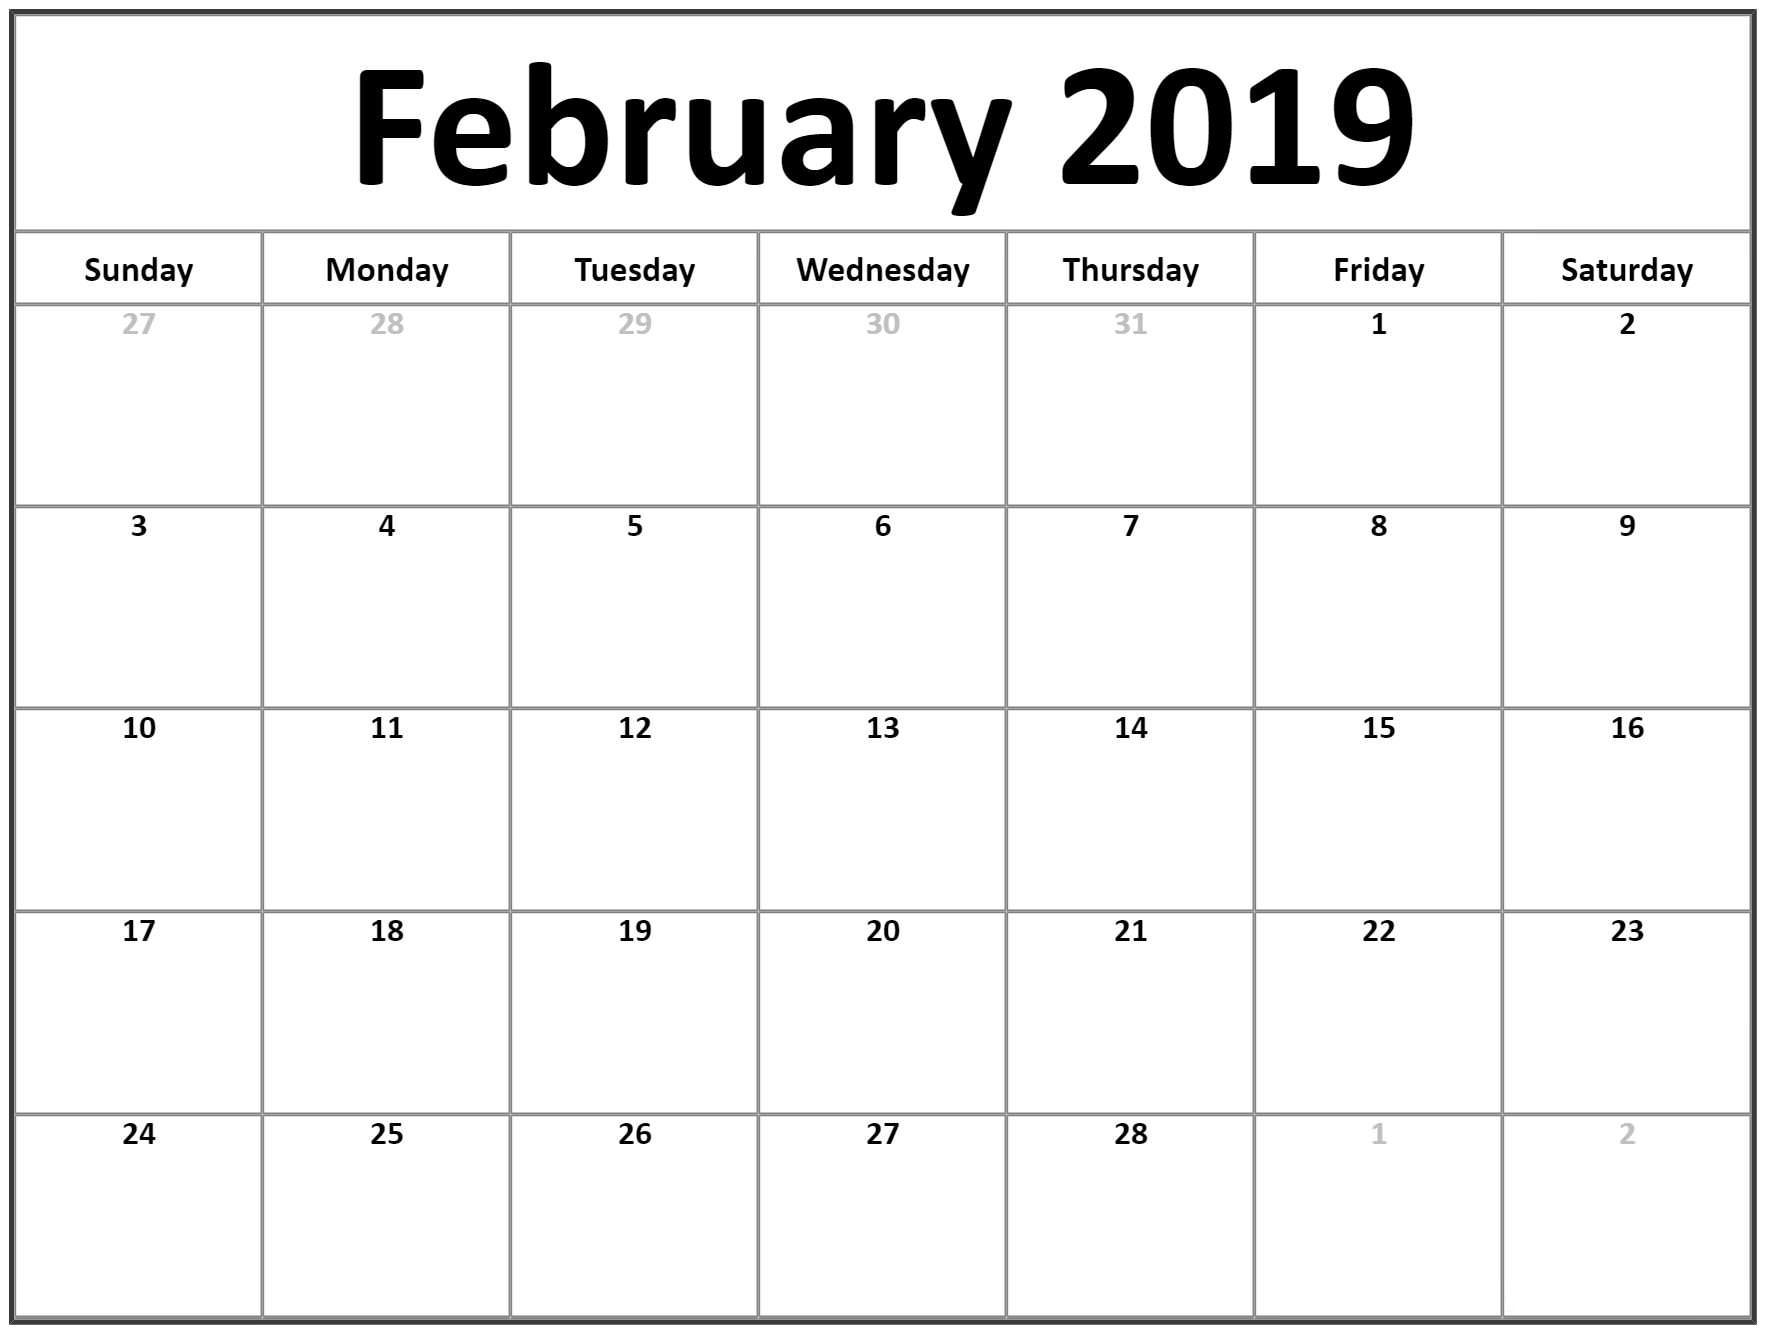 Free February 2019 Printable Calendar Templates Calendar Hour